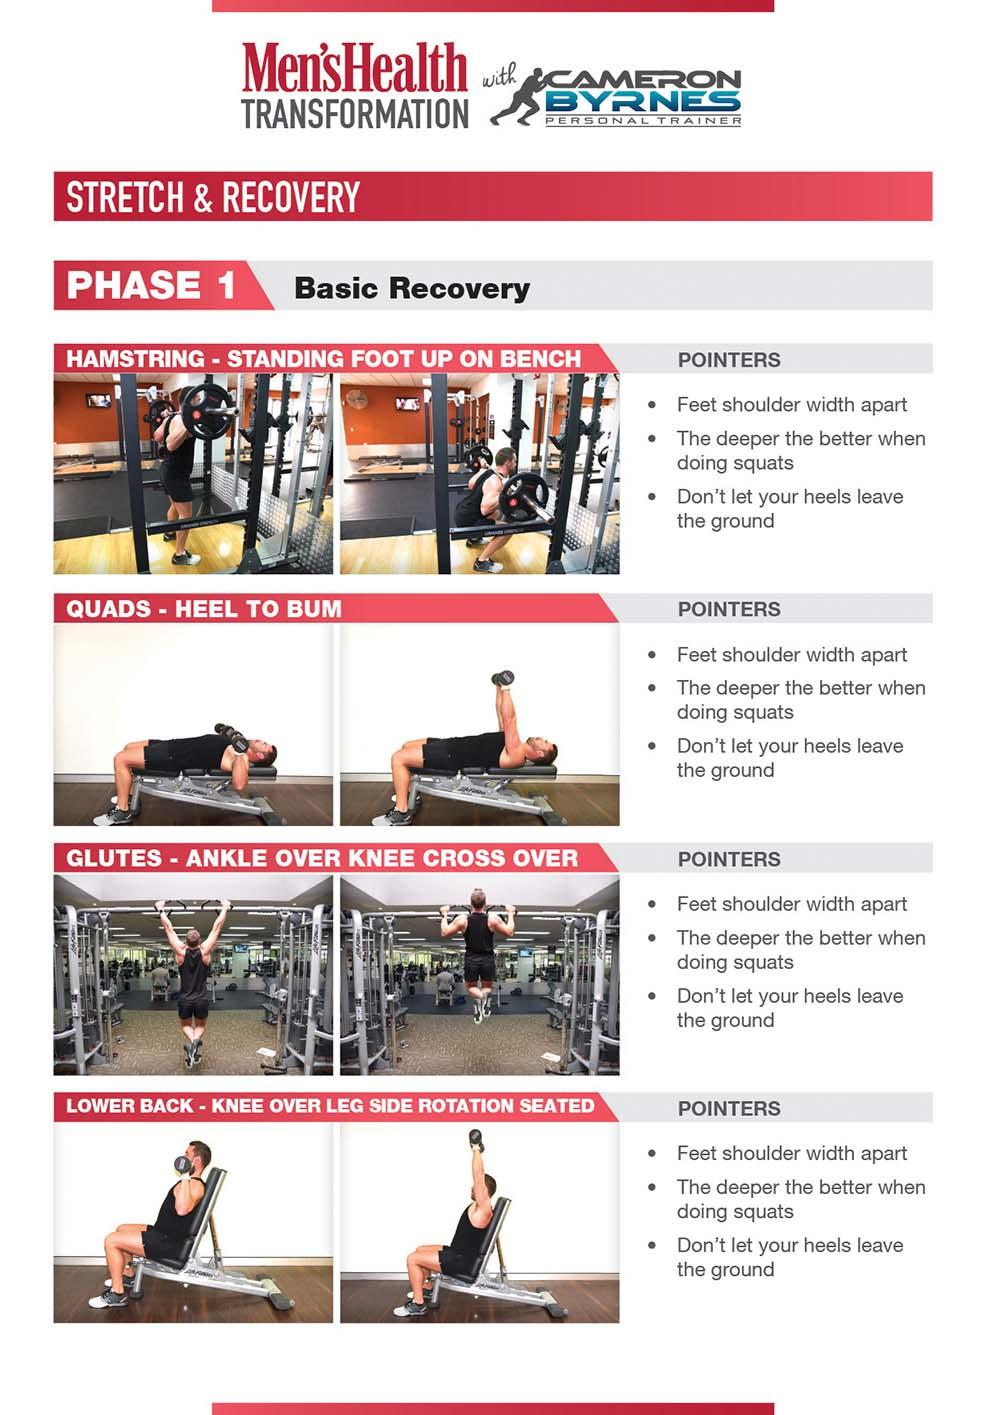 Cameron Byrnes mens health workout program